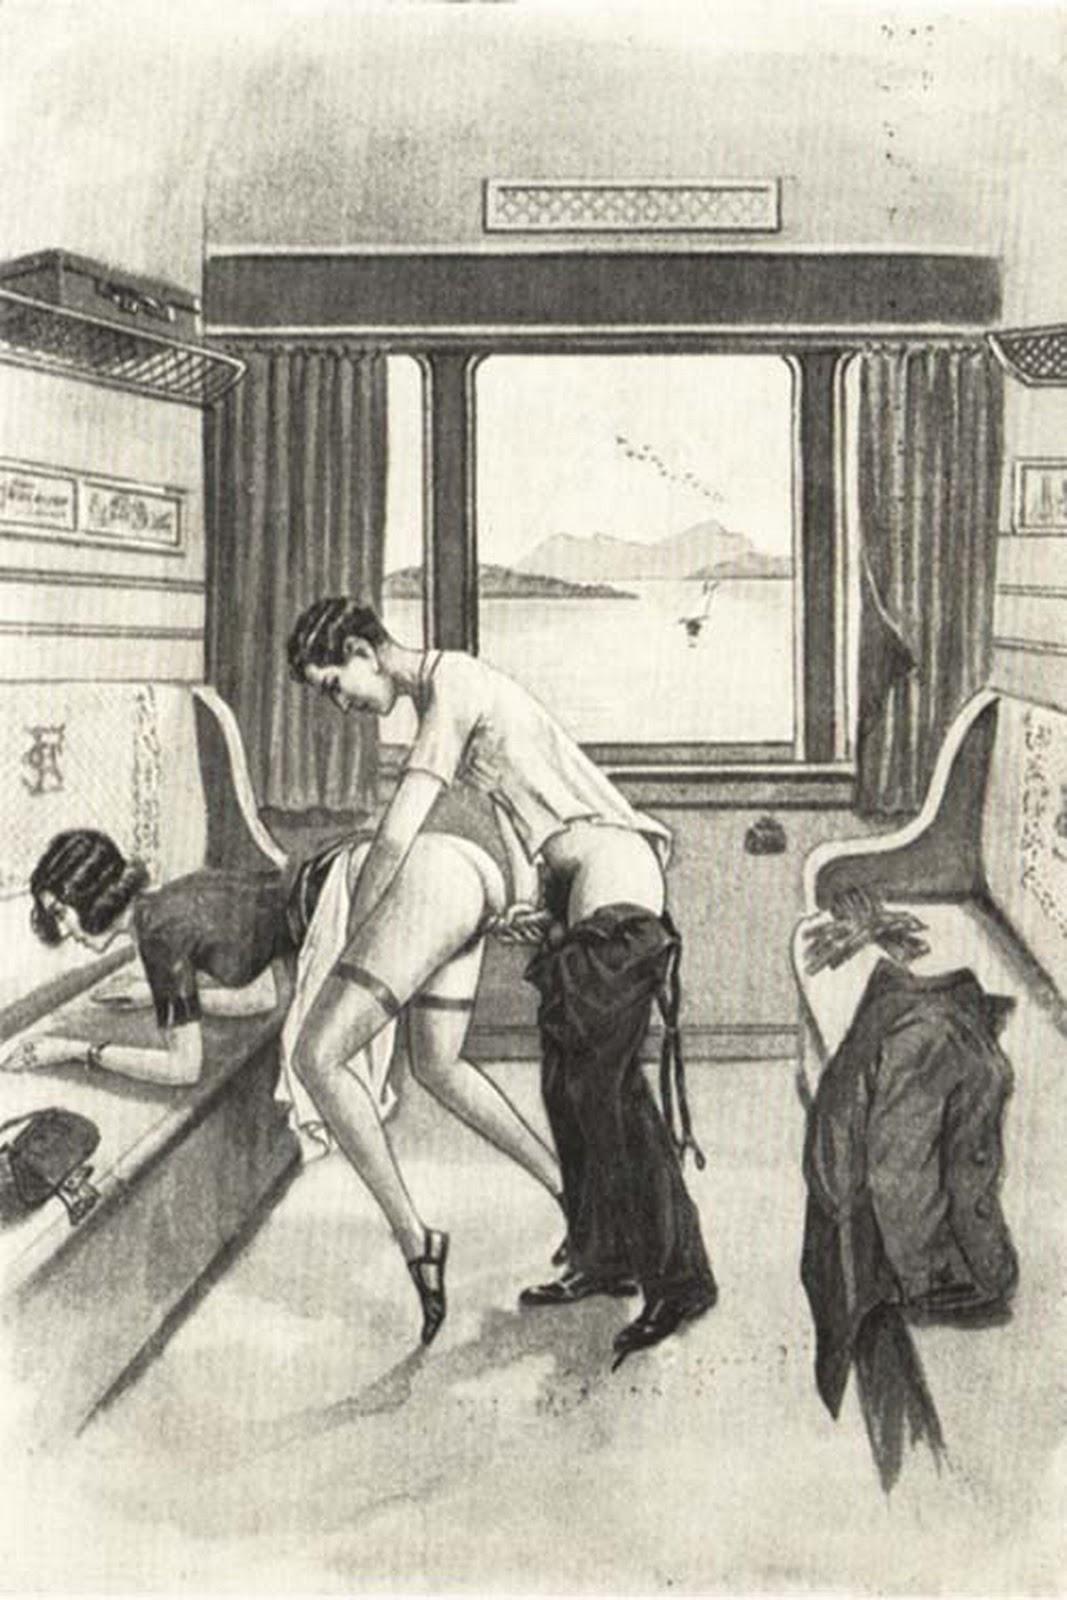 Порно ретро секс рисунки — photo 1